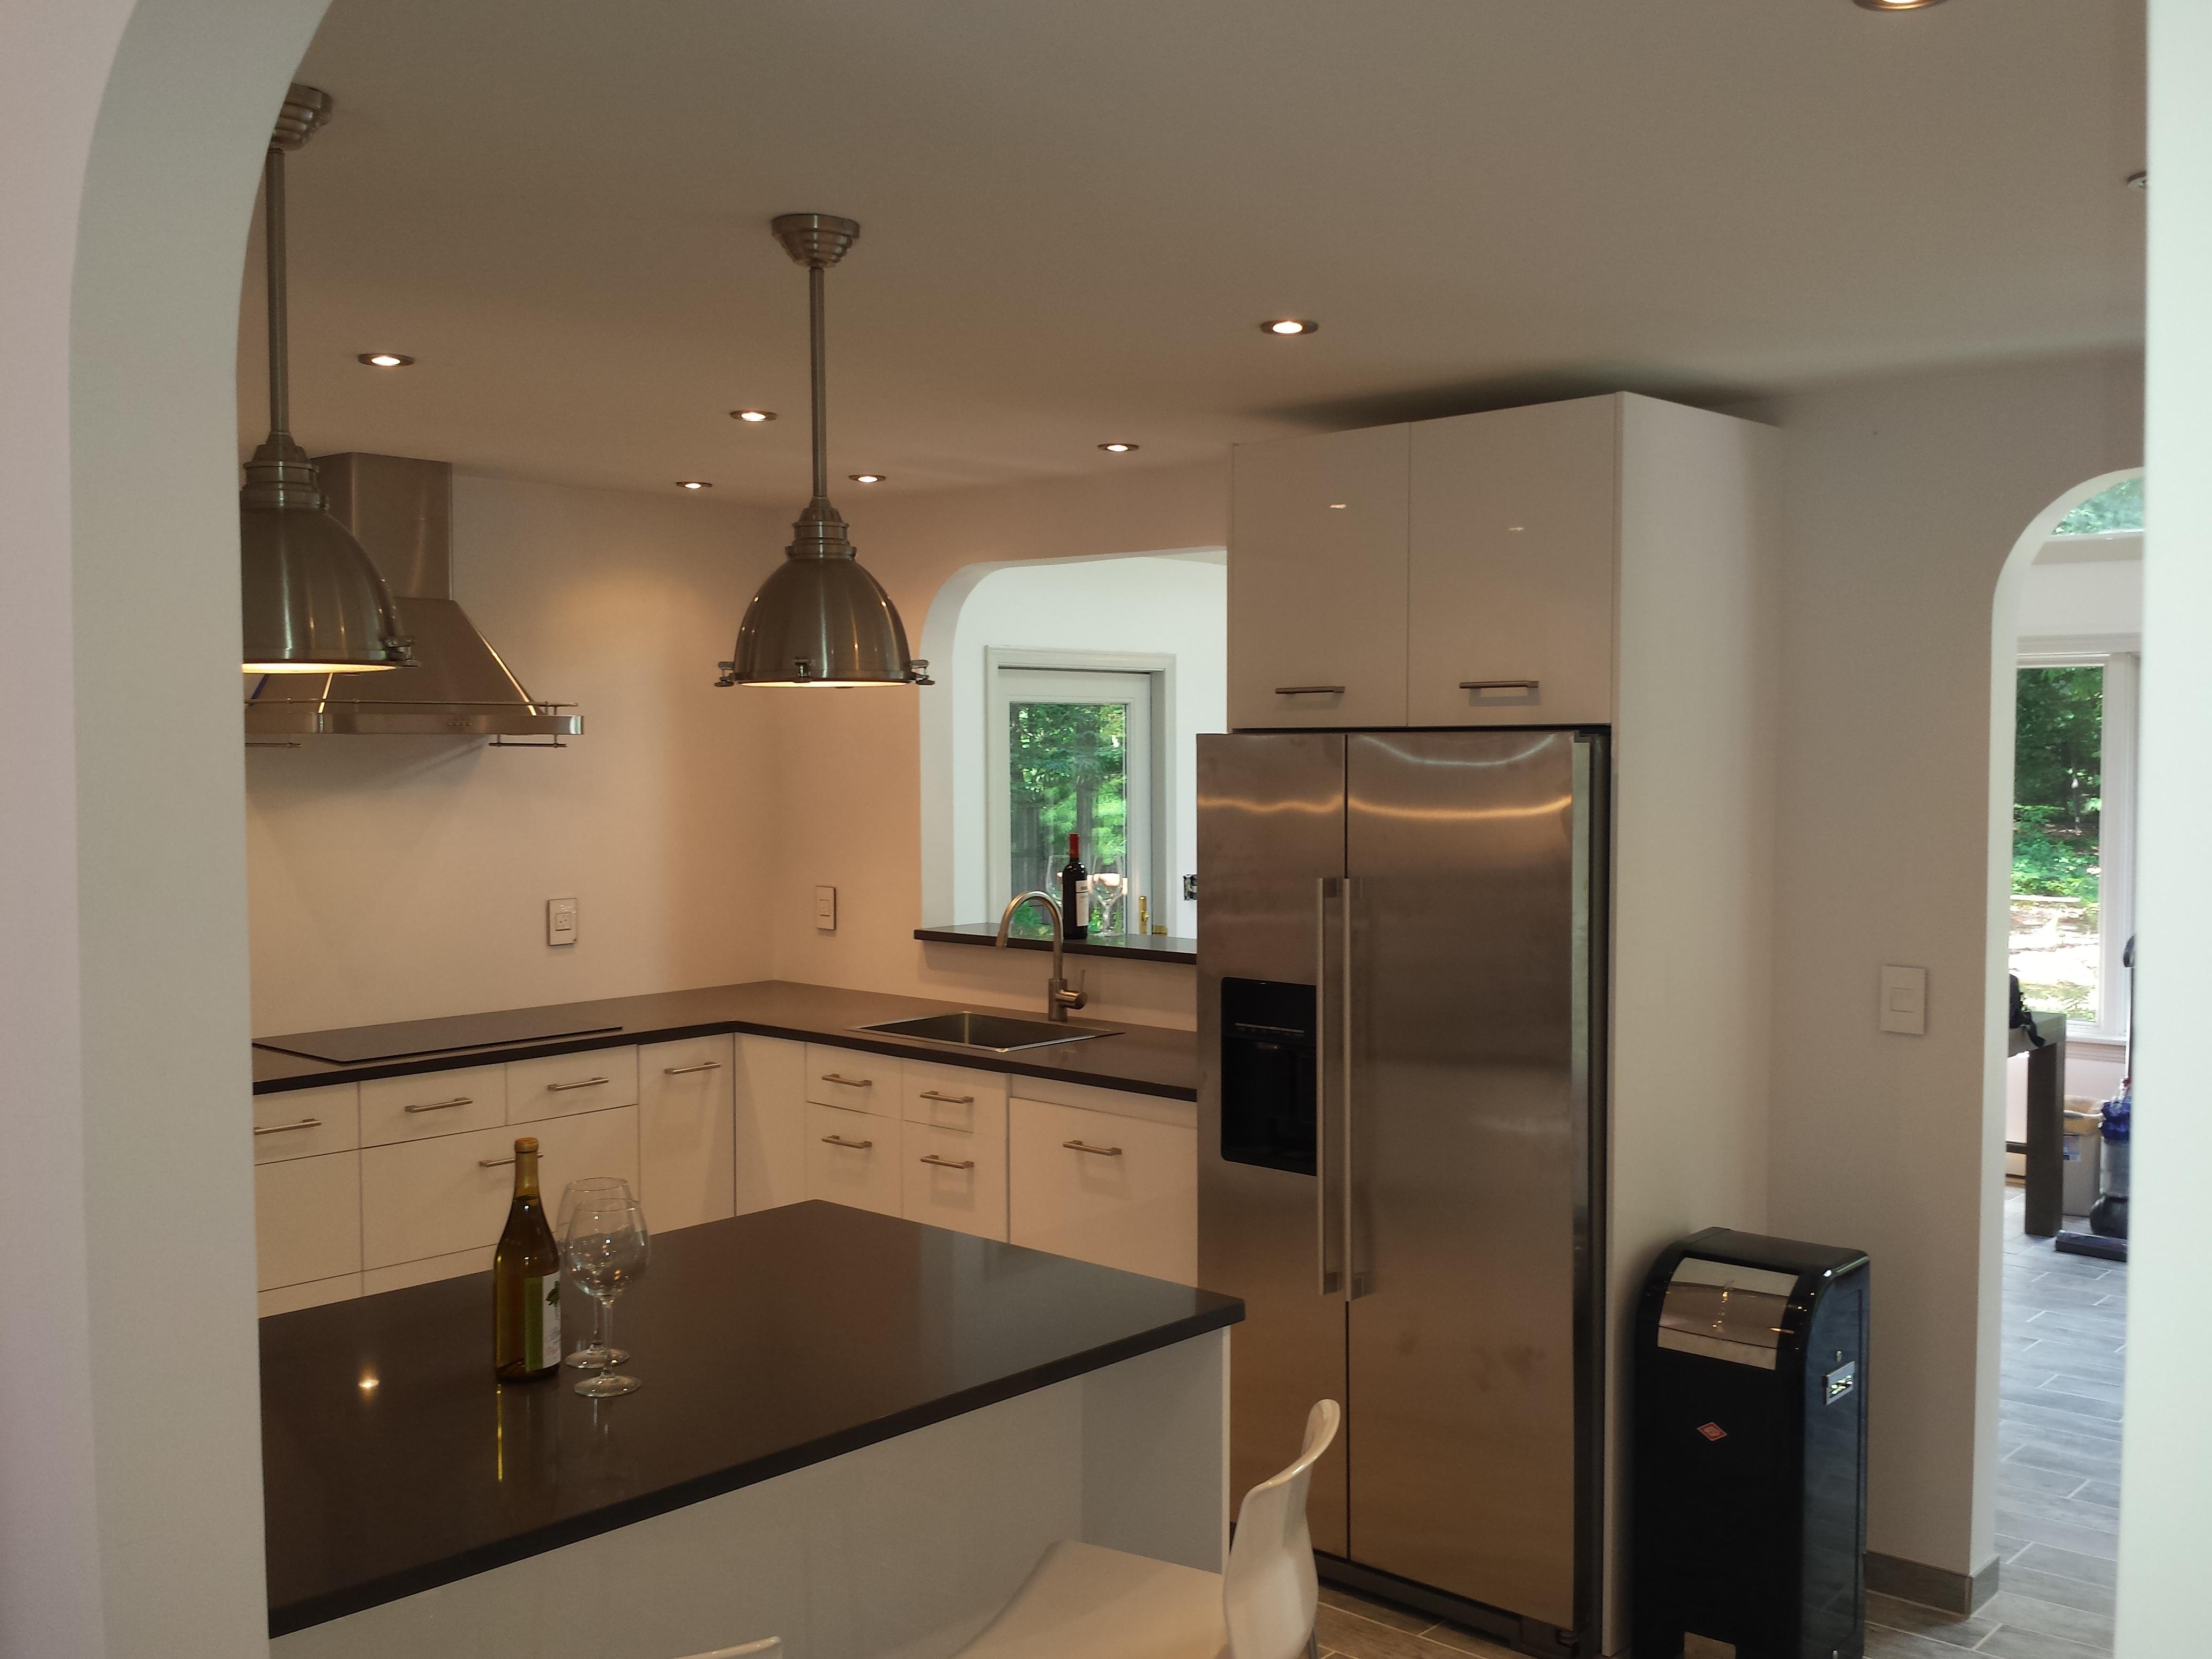 Huisupdate de keuken is af en meer johanna goes usa - Eiland in de kleine keuken ...